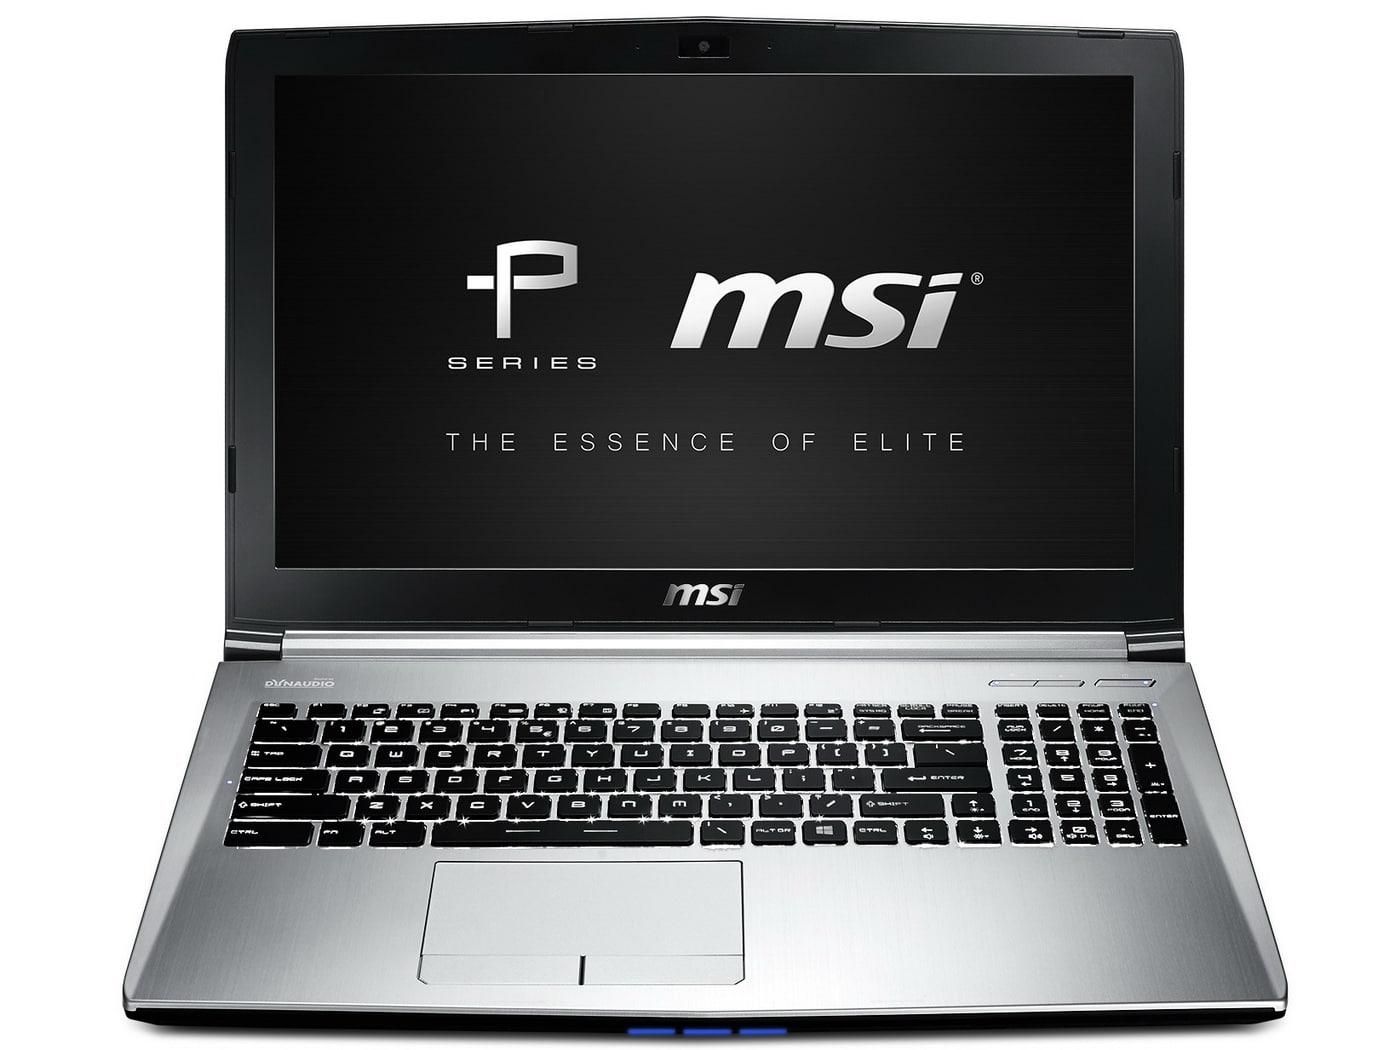 MSI dévoile les PE60 et PE70, des PC portables sobres et performants